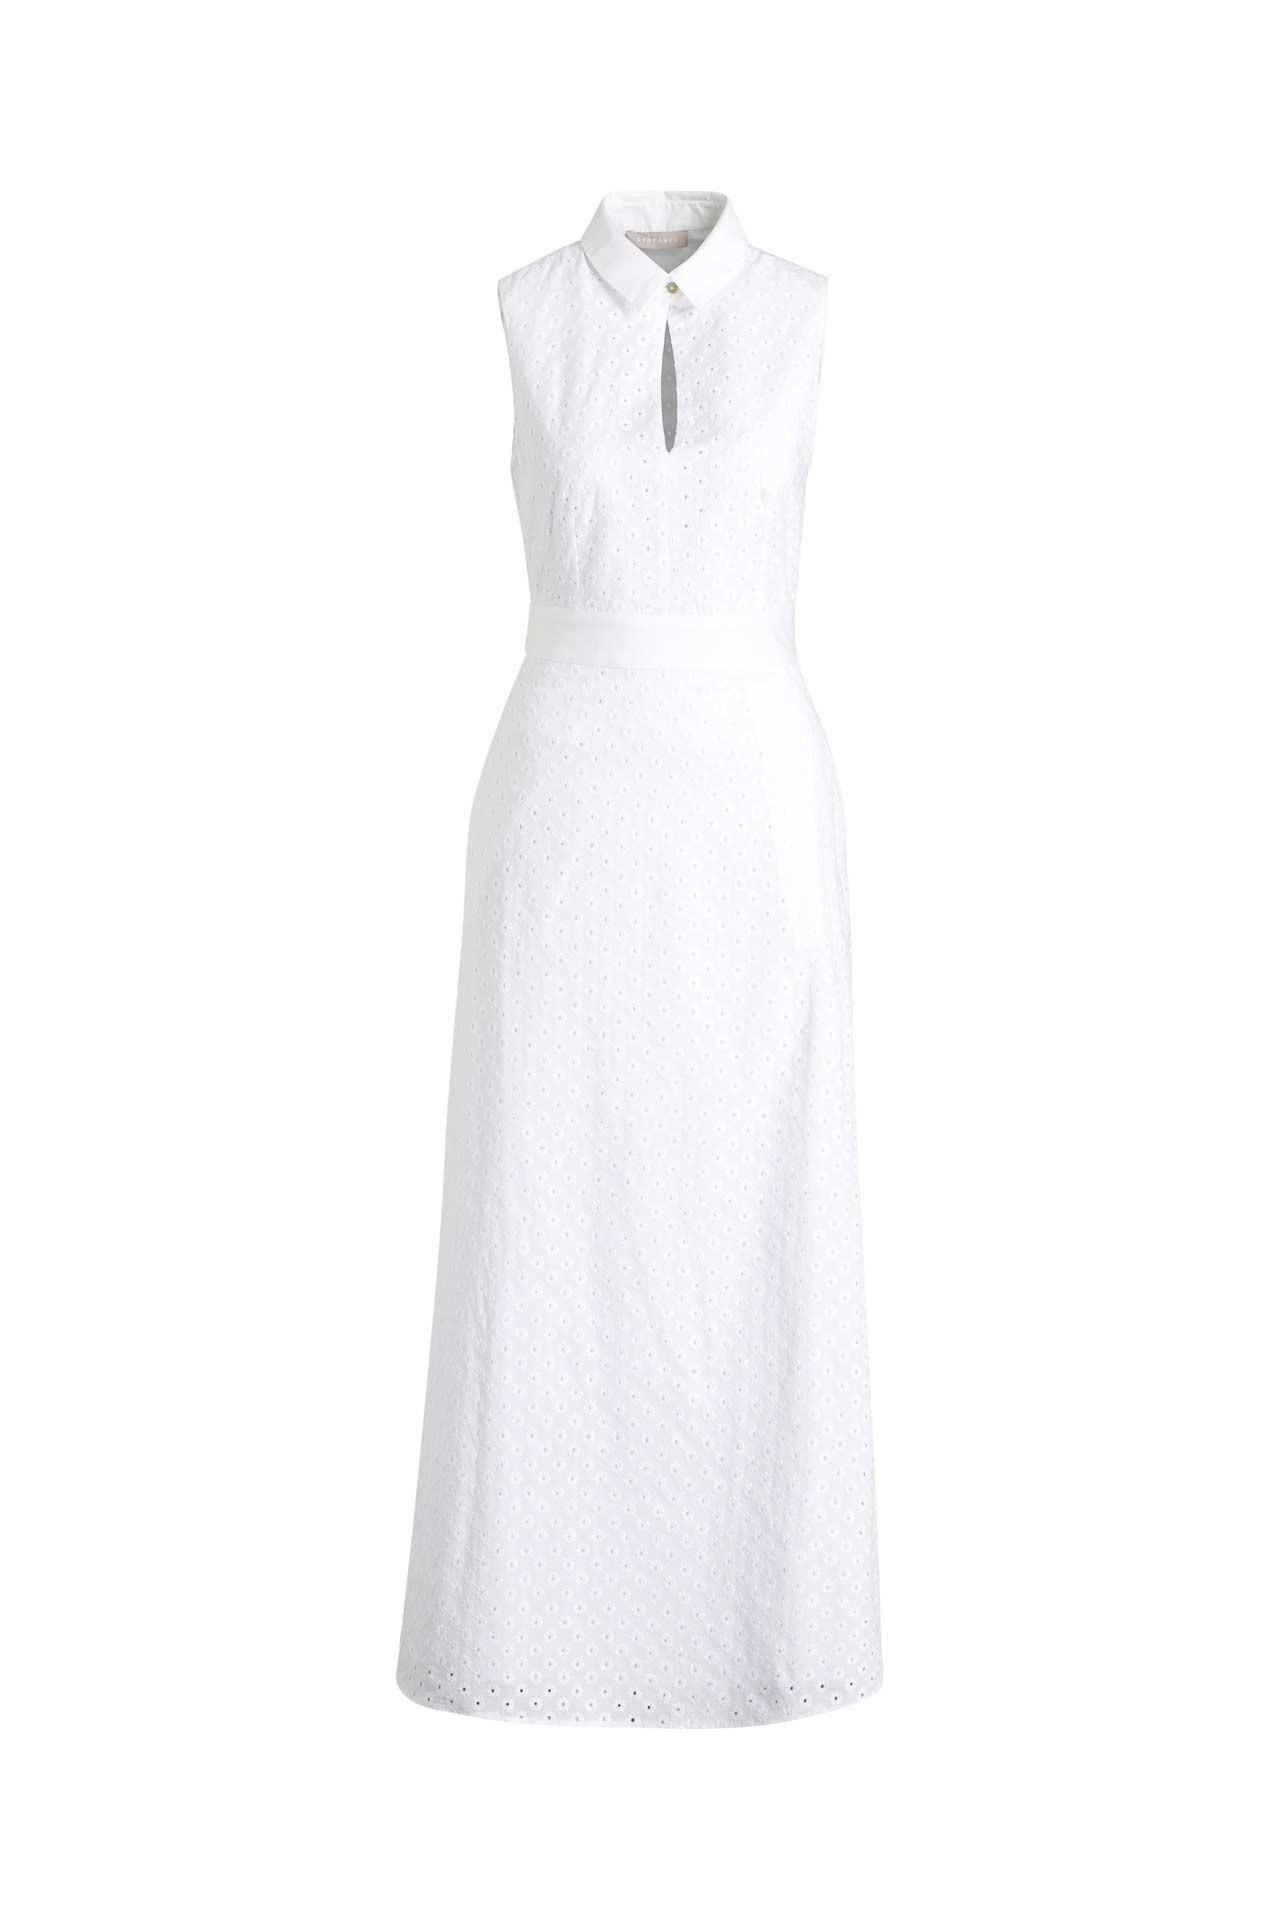 Kleid Weiß  Stefanel » Günstig Online Kaufen  Outletcity